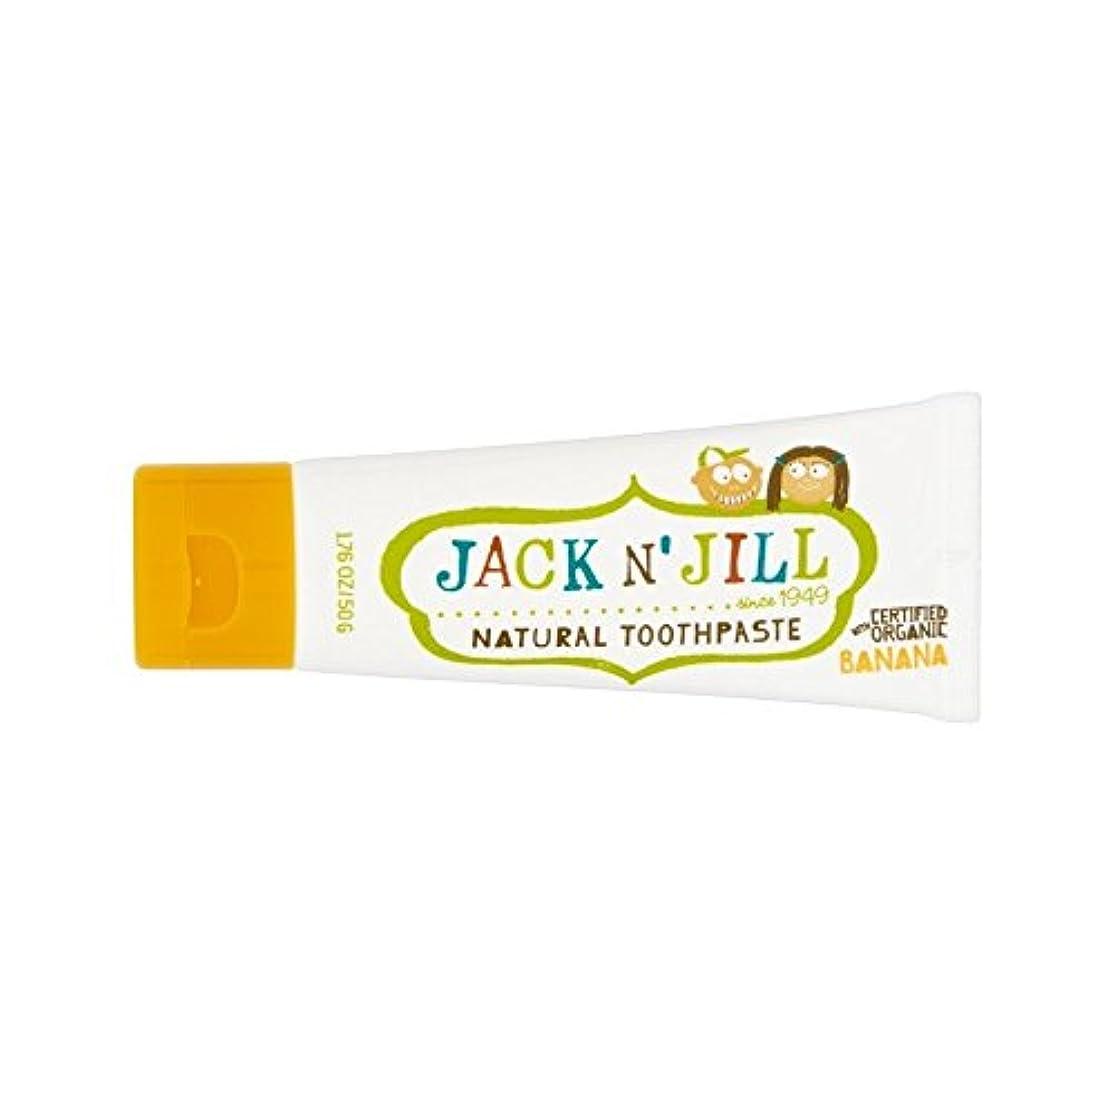 統治可能オーケストラ先行する有機香味50グラムと自然バナナ歯磨き粉 (Jack N Jill) (x 2) - Jack N' Jill Banana Toothpaste Natural with Organic Flavouring 50g (...